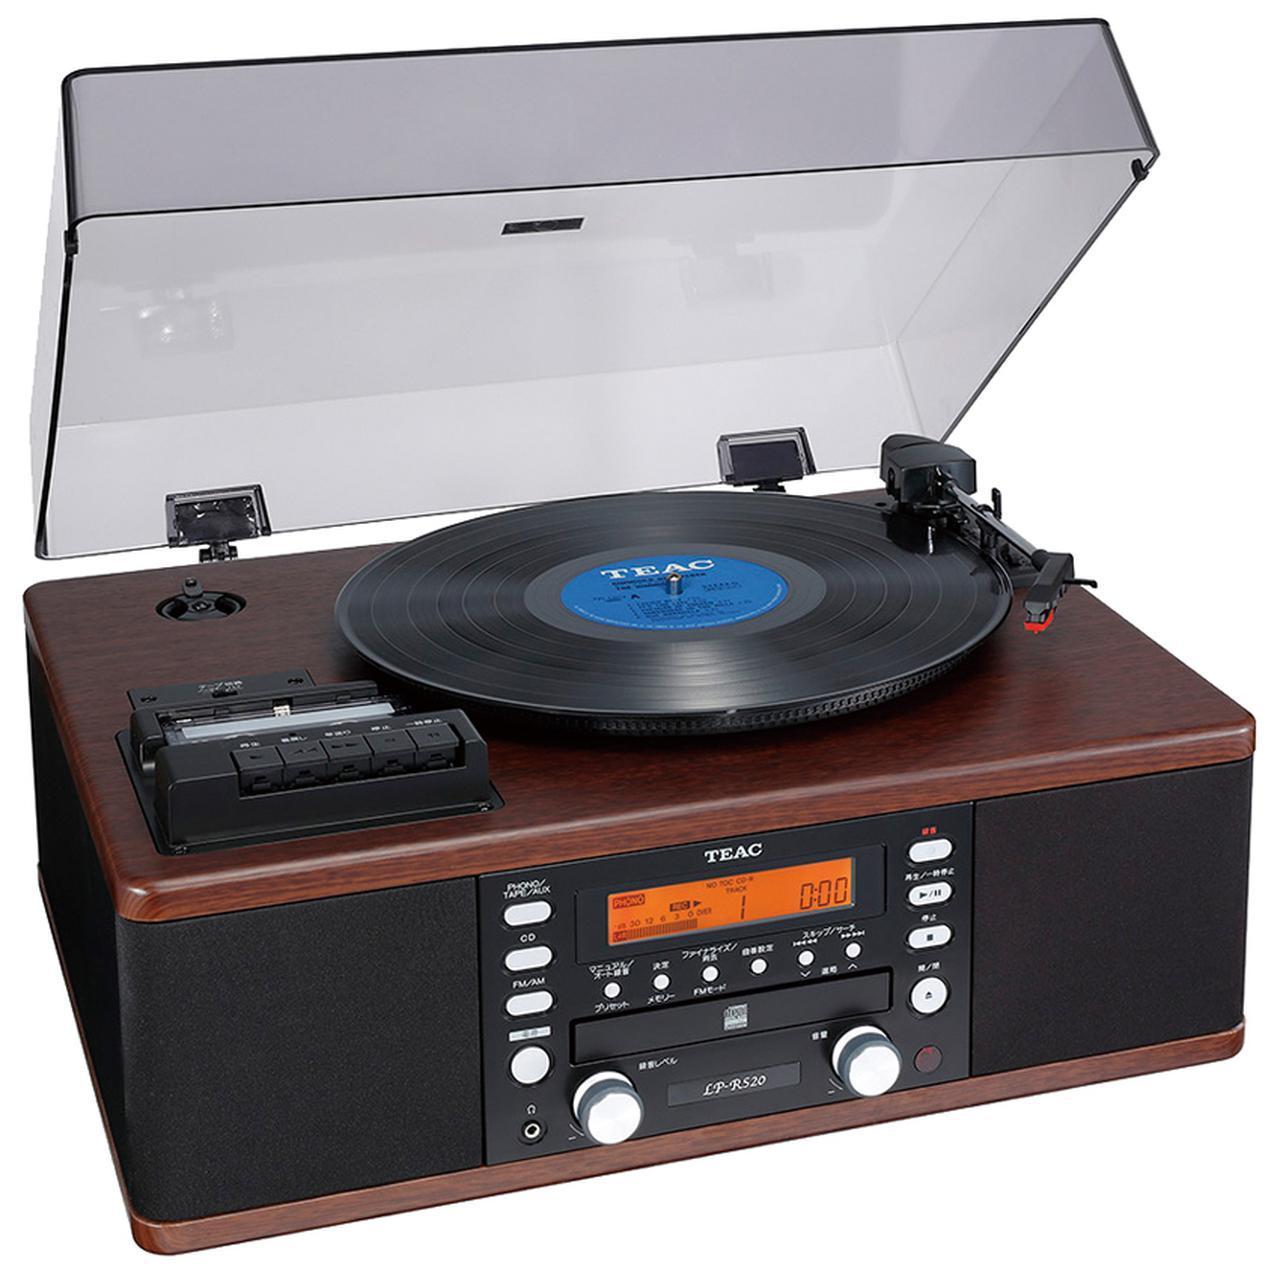 画像: CDドライブに録音機能(書き込み機能)を搭載しており、パソコンを使わずに、レコードやカセットなどの音源をCD化できる。録音レベル調整ができるので、精密な録音が可能となっている。